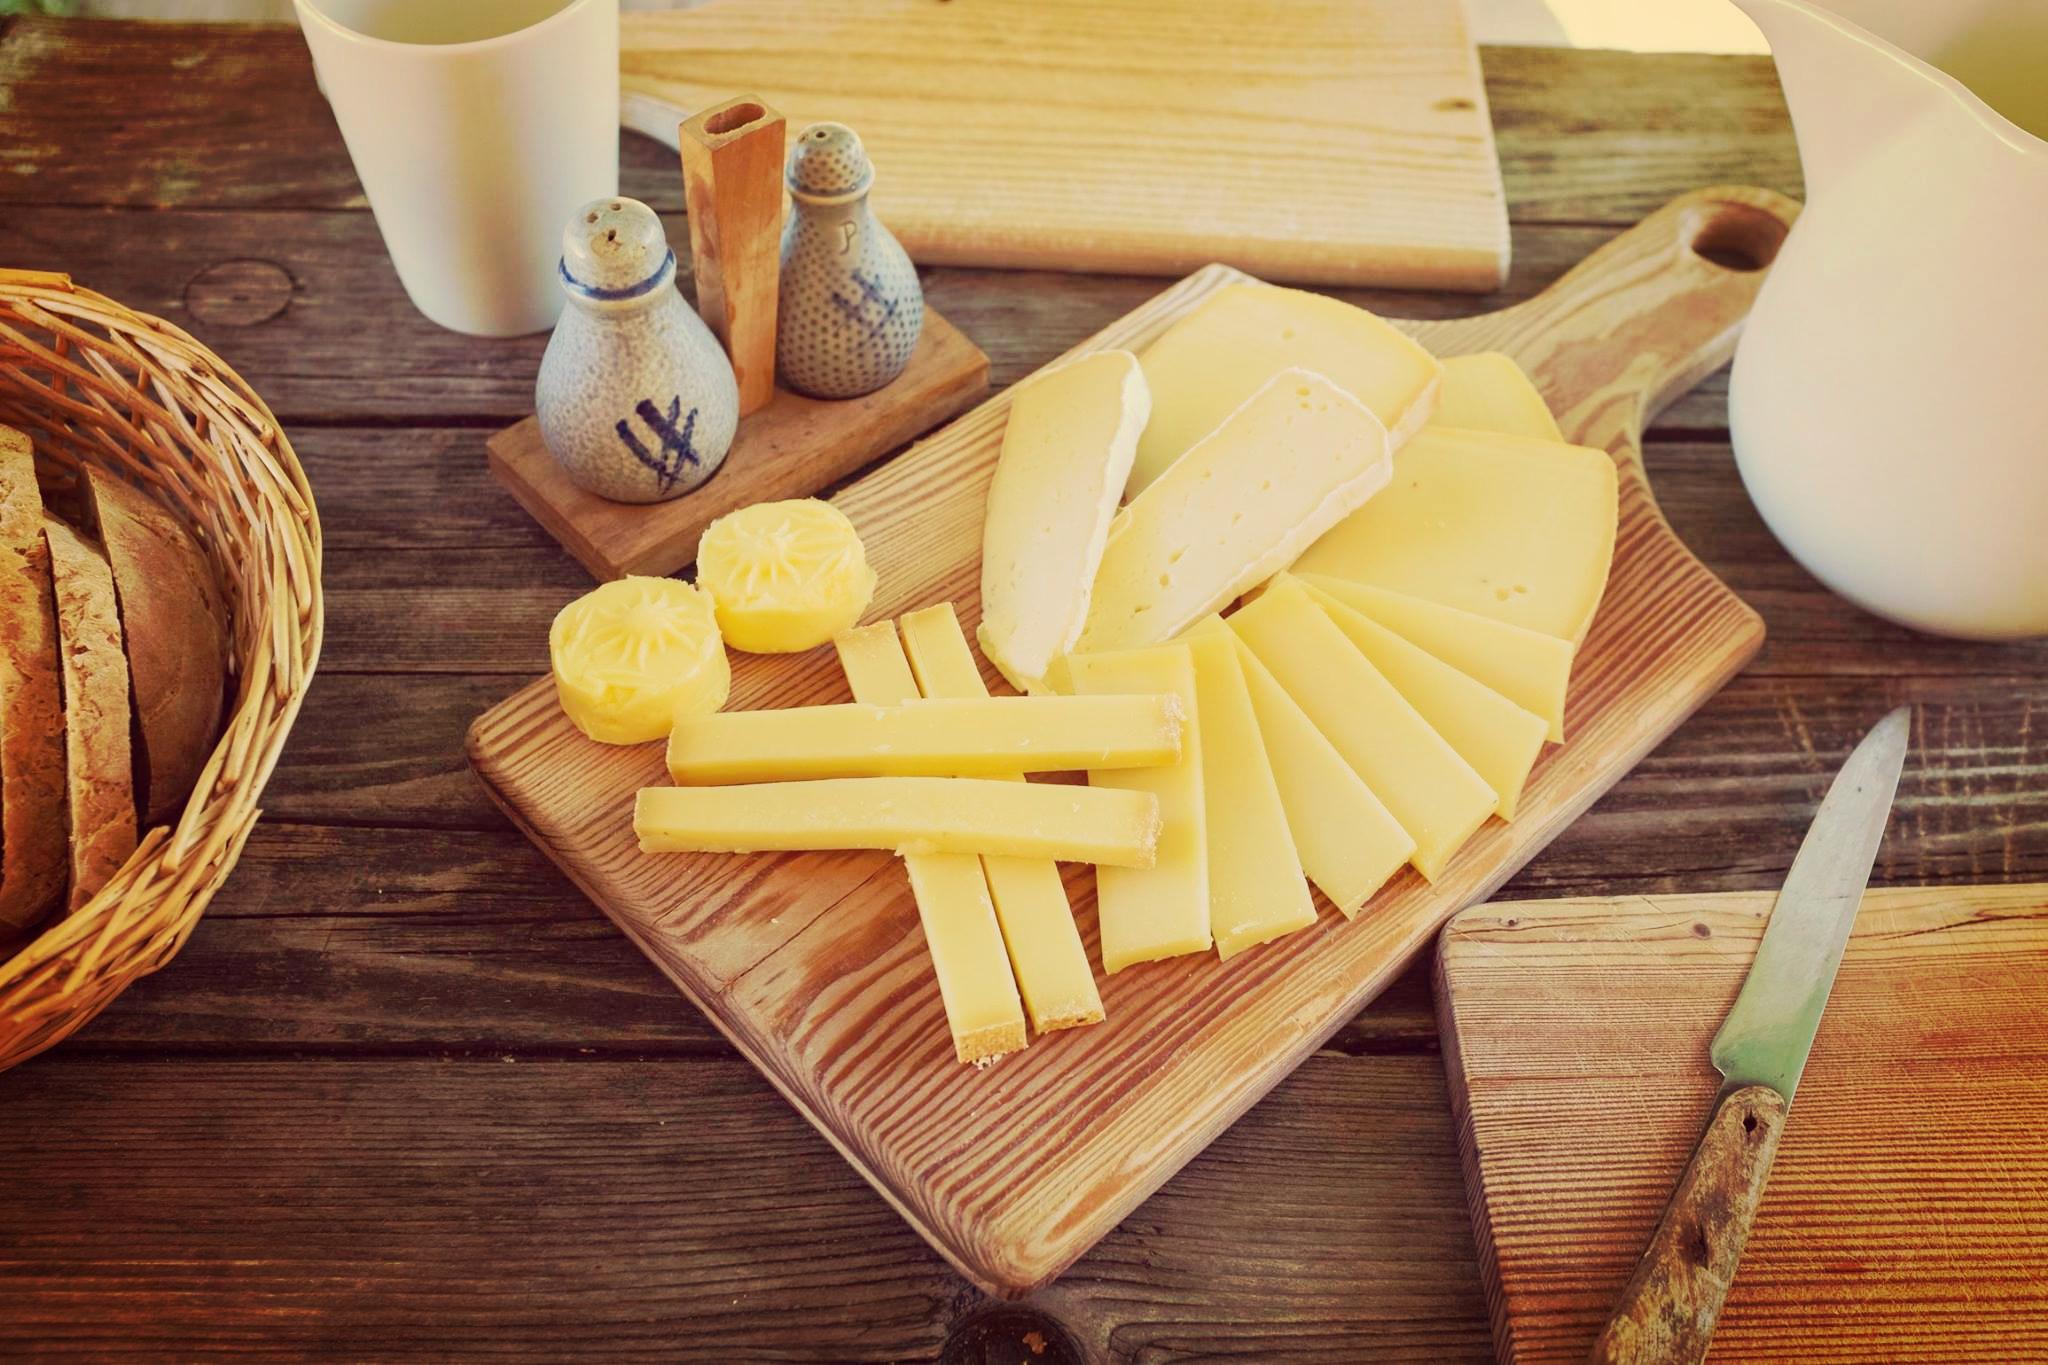 Jause mit Käse von der Alm Tirol